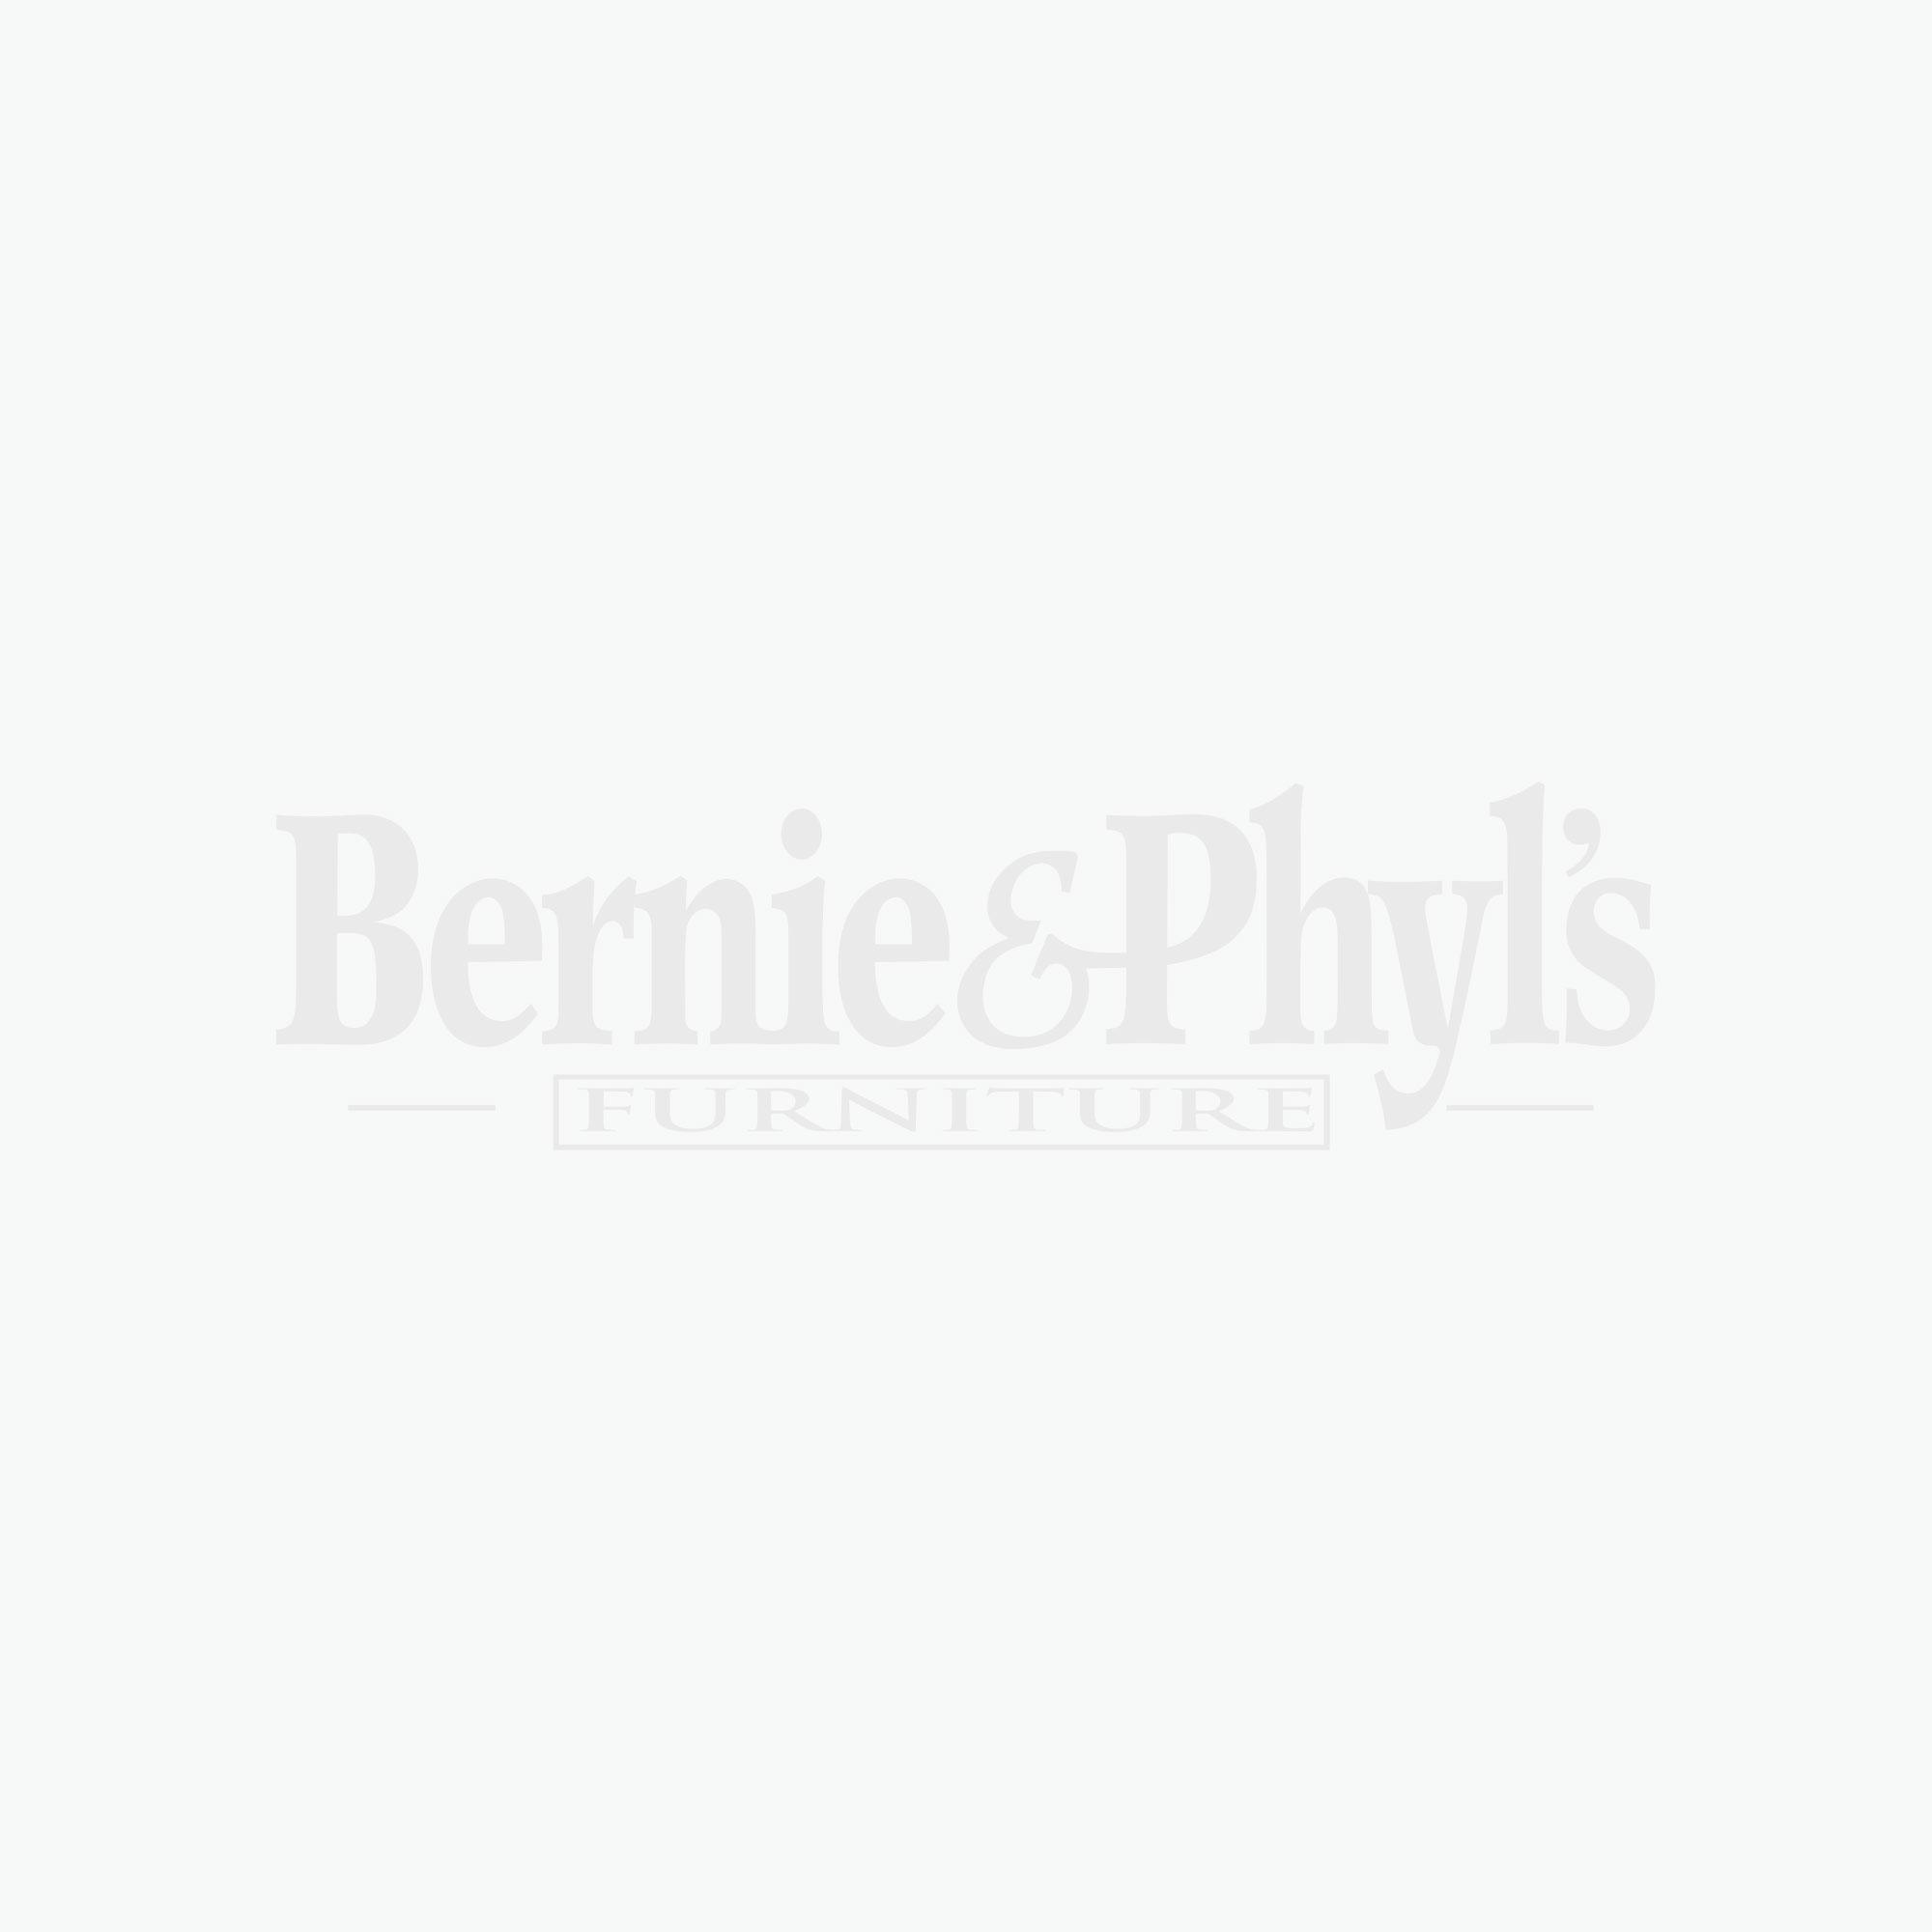 """Mygel Sierra Sleep 7"""" Memory Foam/Gel Mattress - M9710 - Signature Design by Ashley Furniture"""